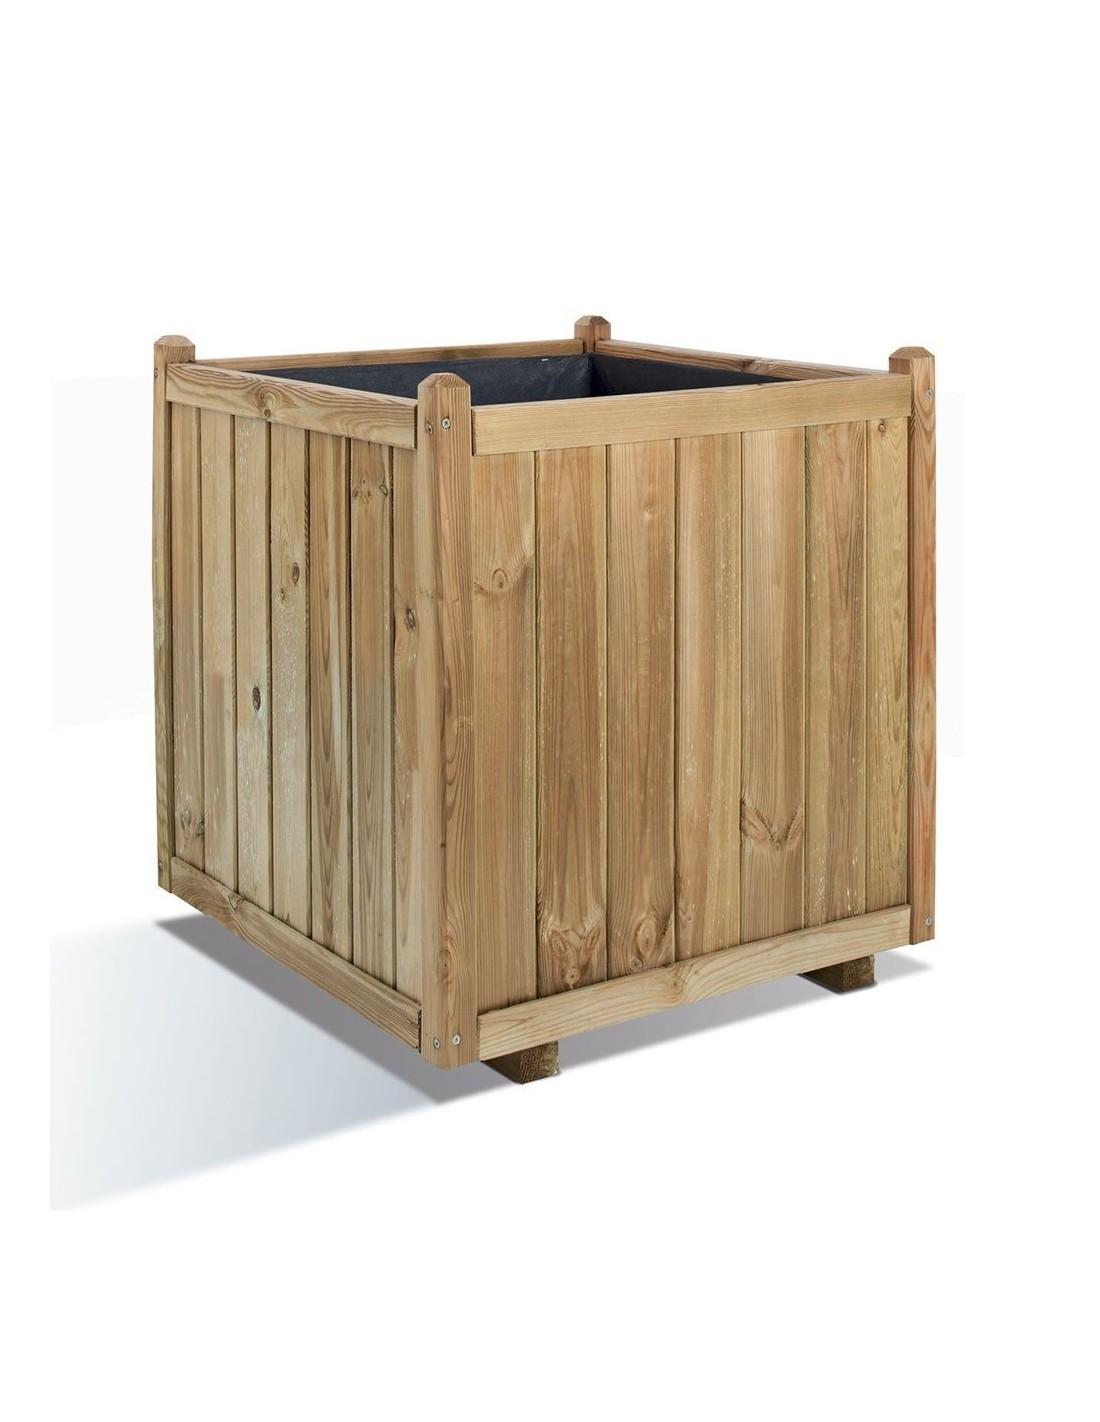 bac carr vend me bois trait de 60x60 cm. Black Bedroom Furniture Sets. Home Design Ideas